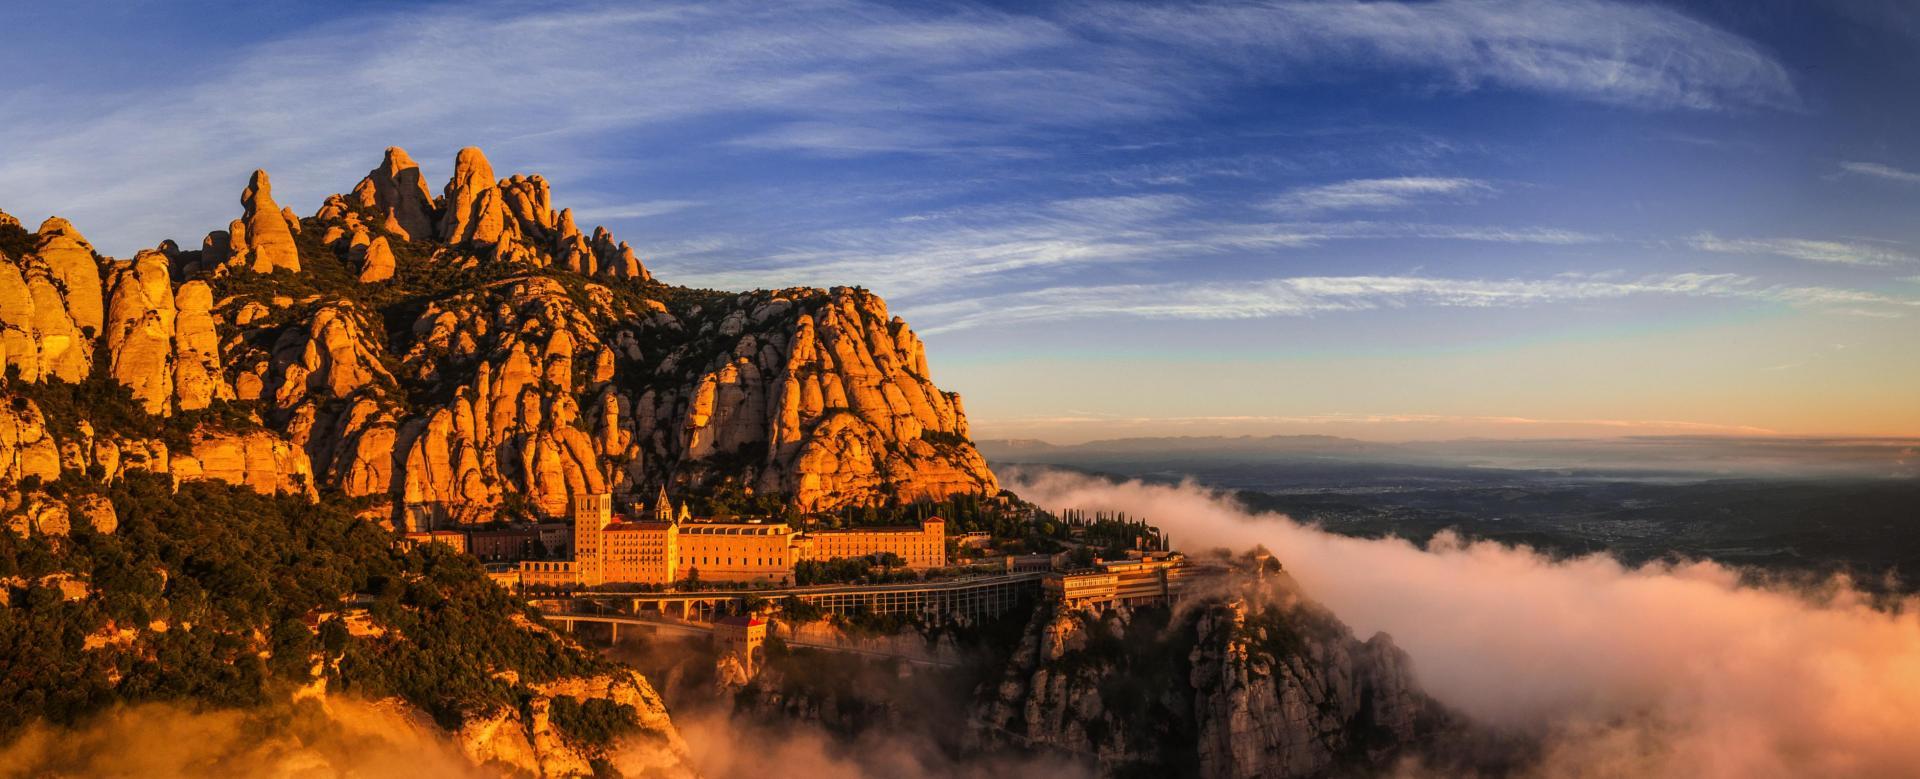 Voyage à pied : Espagne : Réveillon dans les montagnes de barcelone